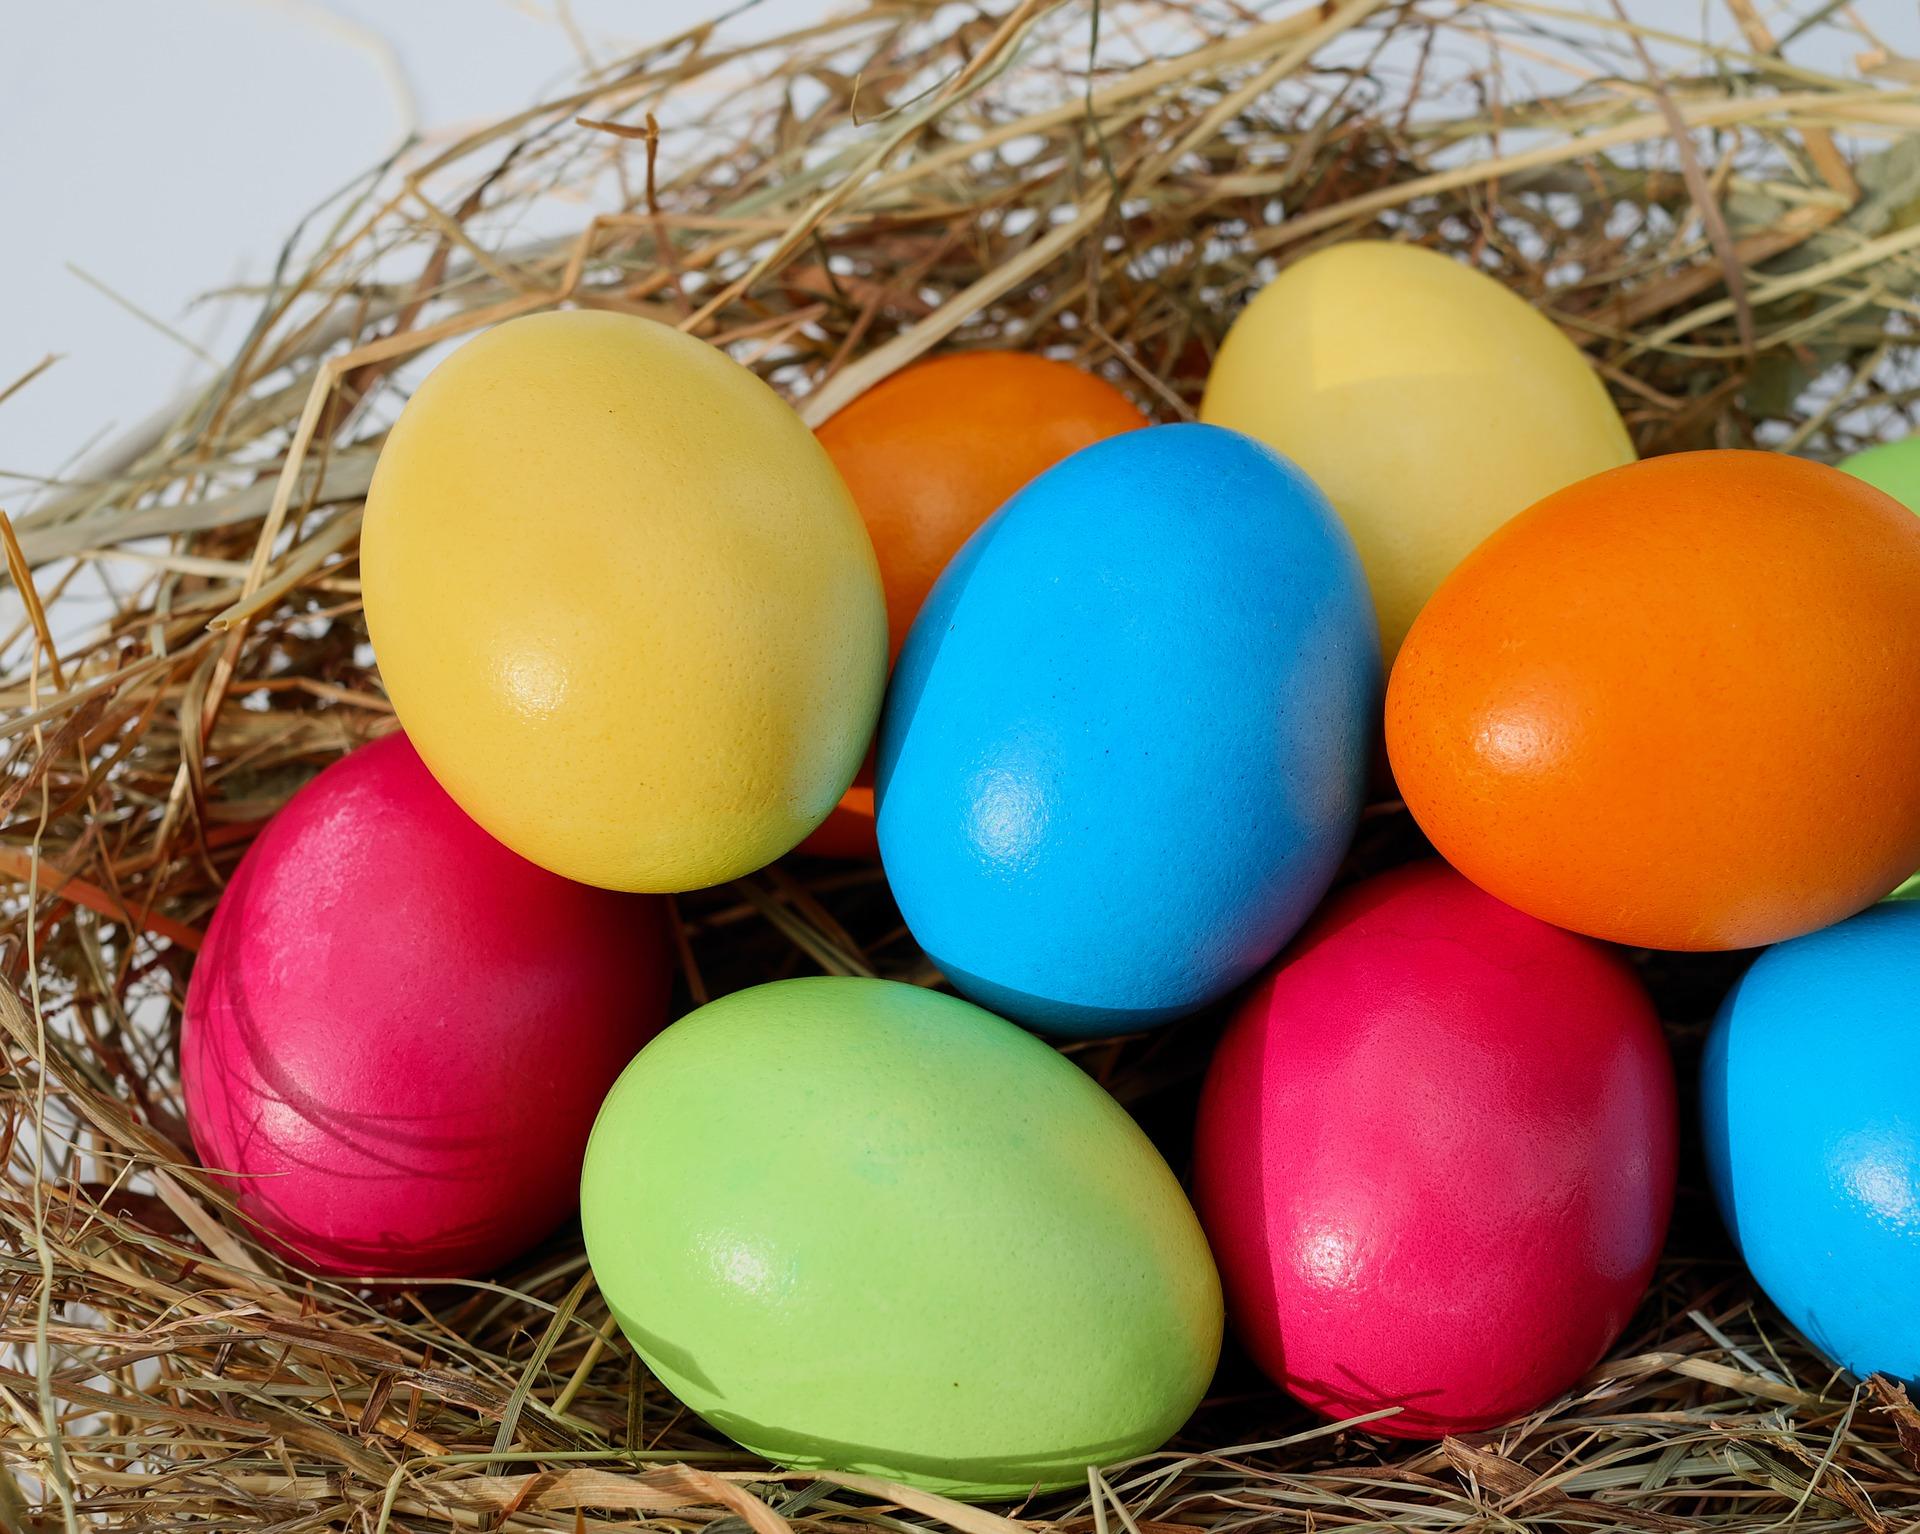 Come evitare gli sprechi di cibo a Pasqua